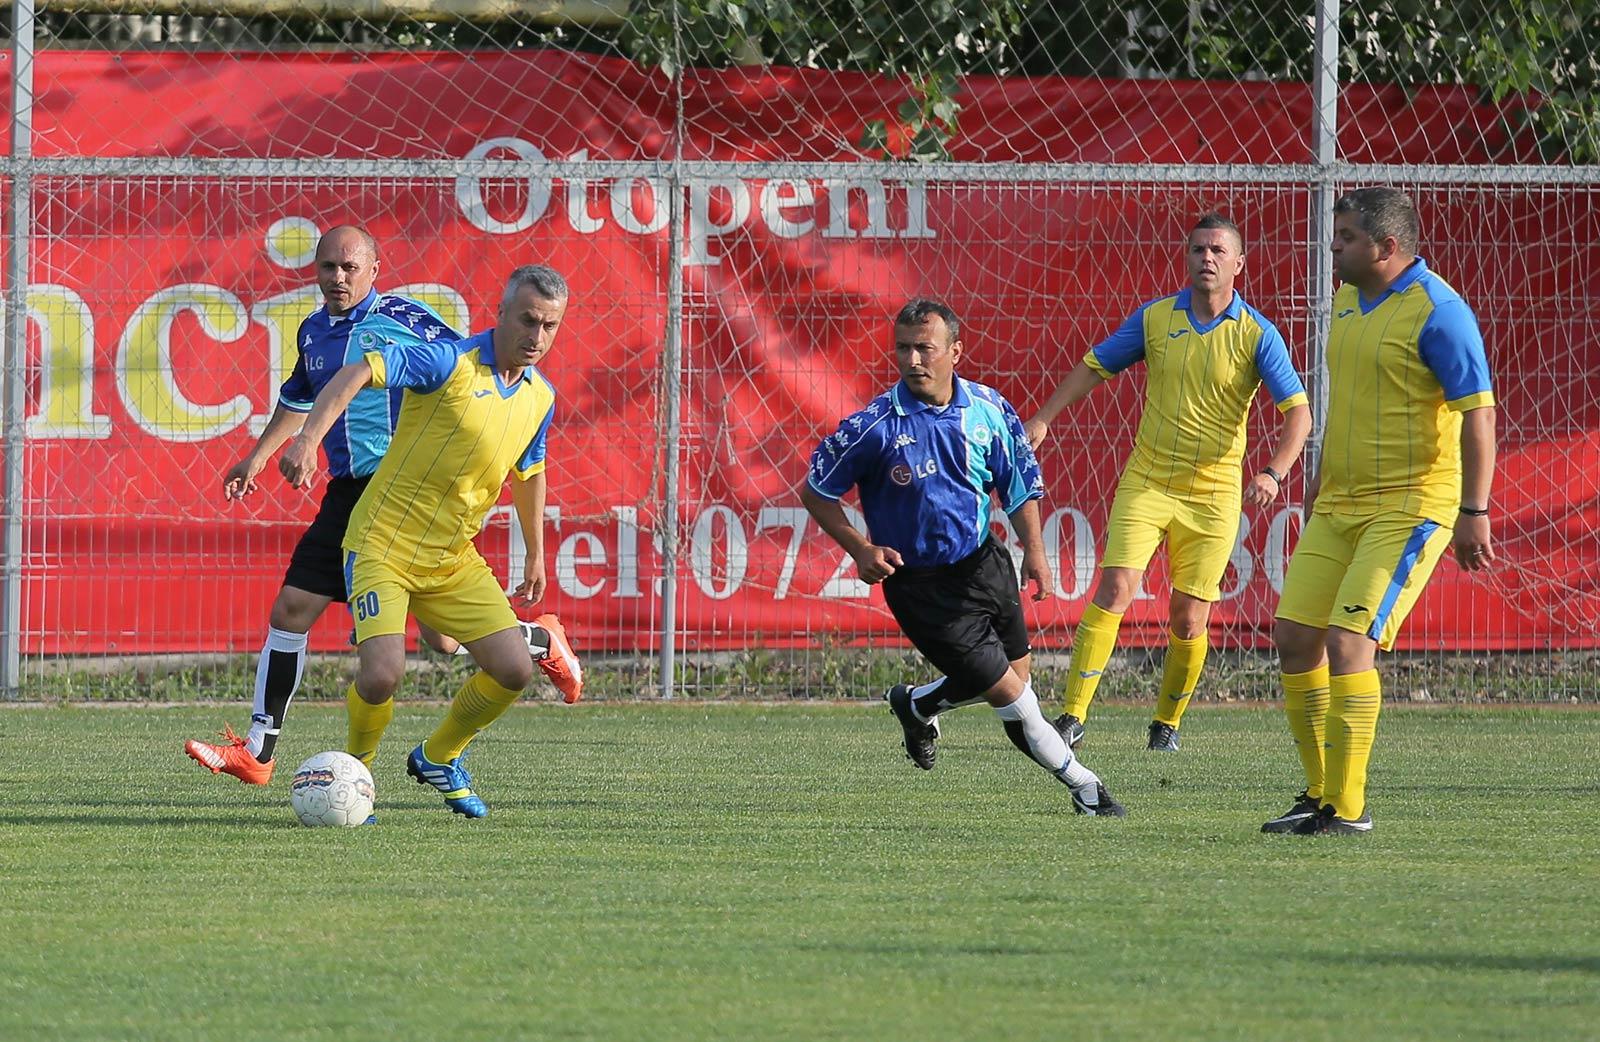 CS Otopeni - FC Union 3-5 / Caramarin, Nițu, Porojanu